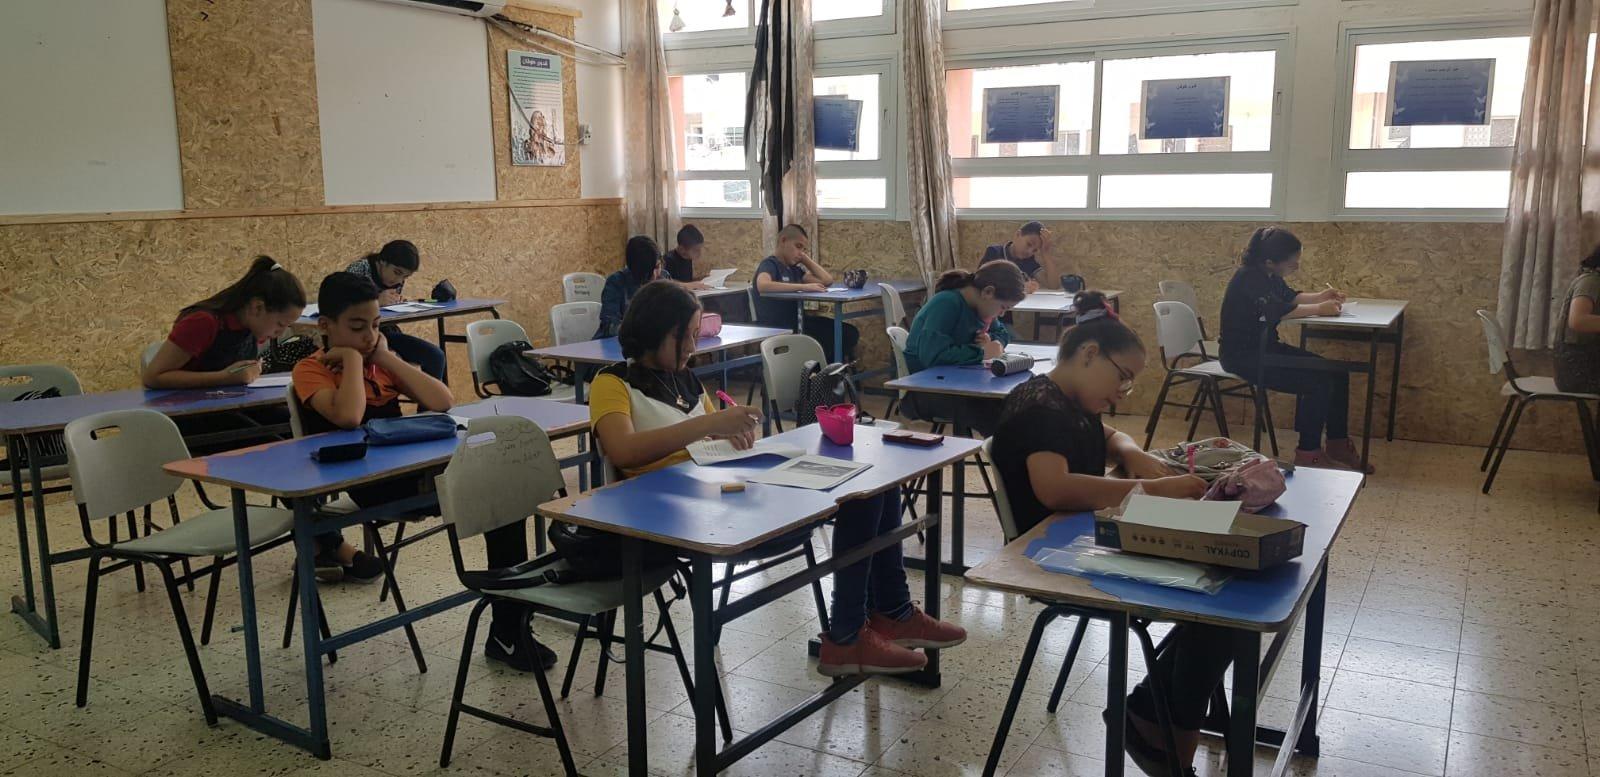 مَدرسة وادي النُّسور الإعداديَّة – أم الفحم تُنَظِّمُ يومًا حافلًا لطُلَّاب الصُّفوف السَّادسَة